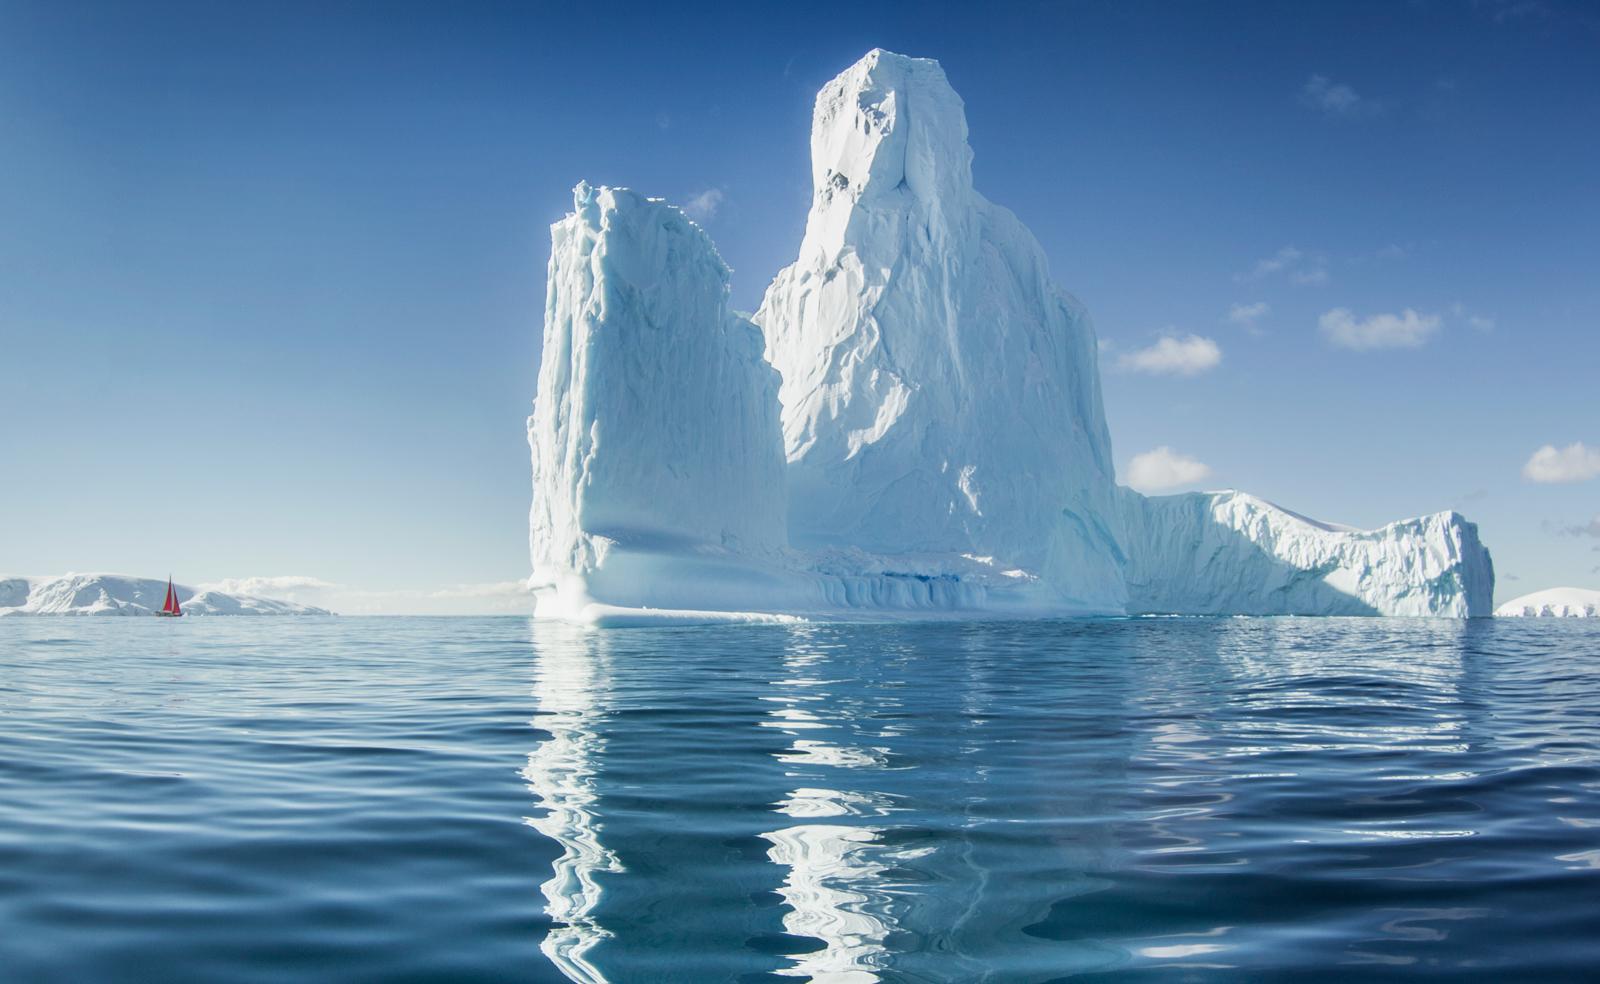 фотомодели картинка с надписью антарктида большое